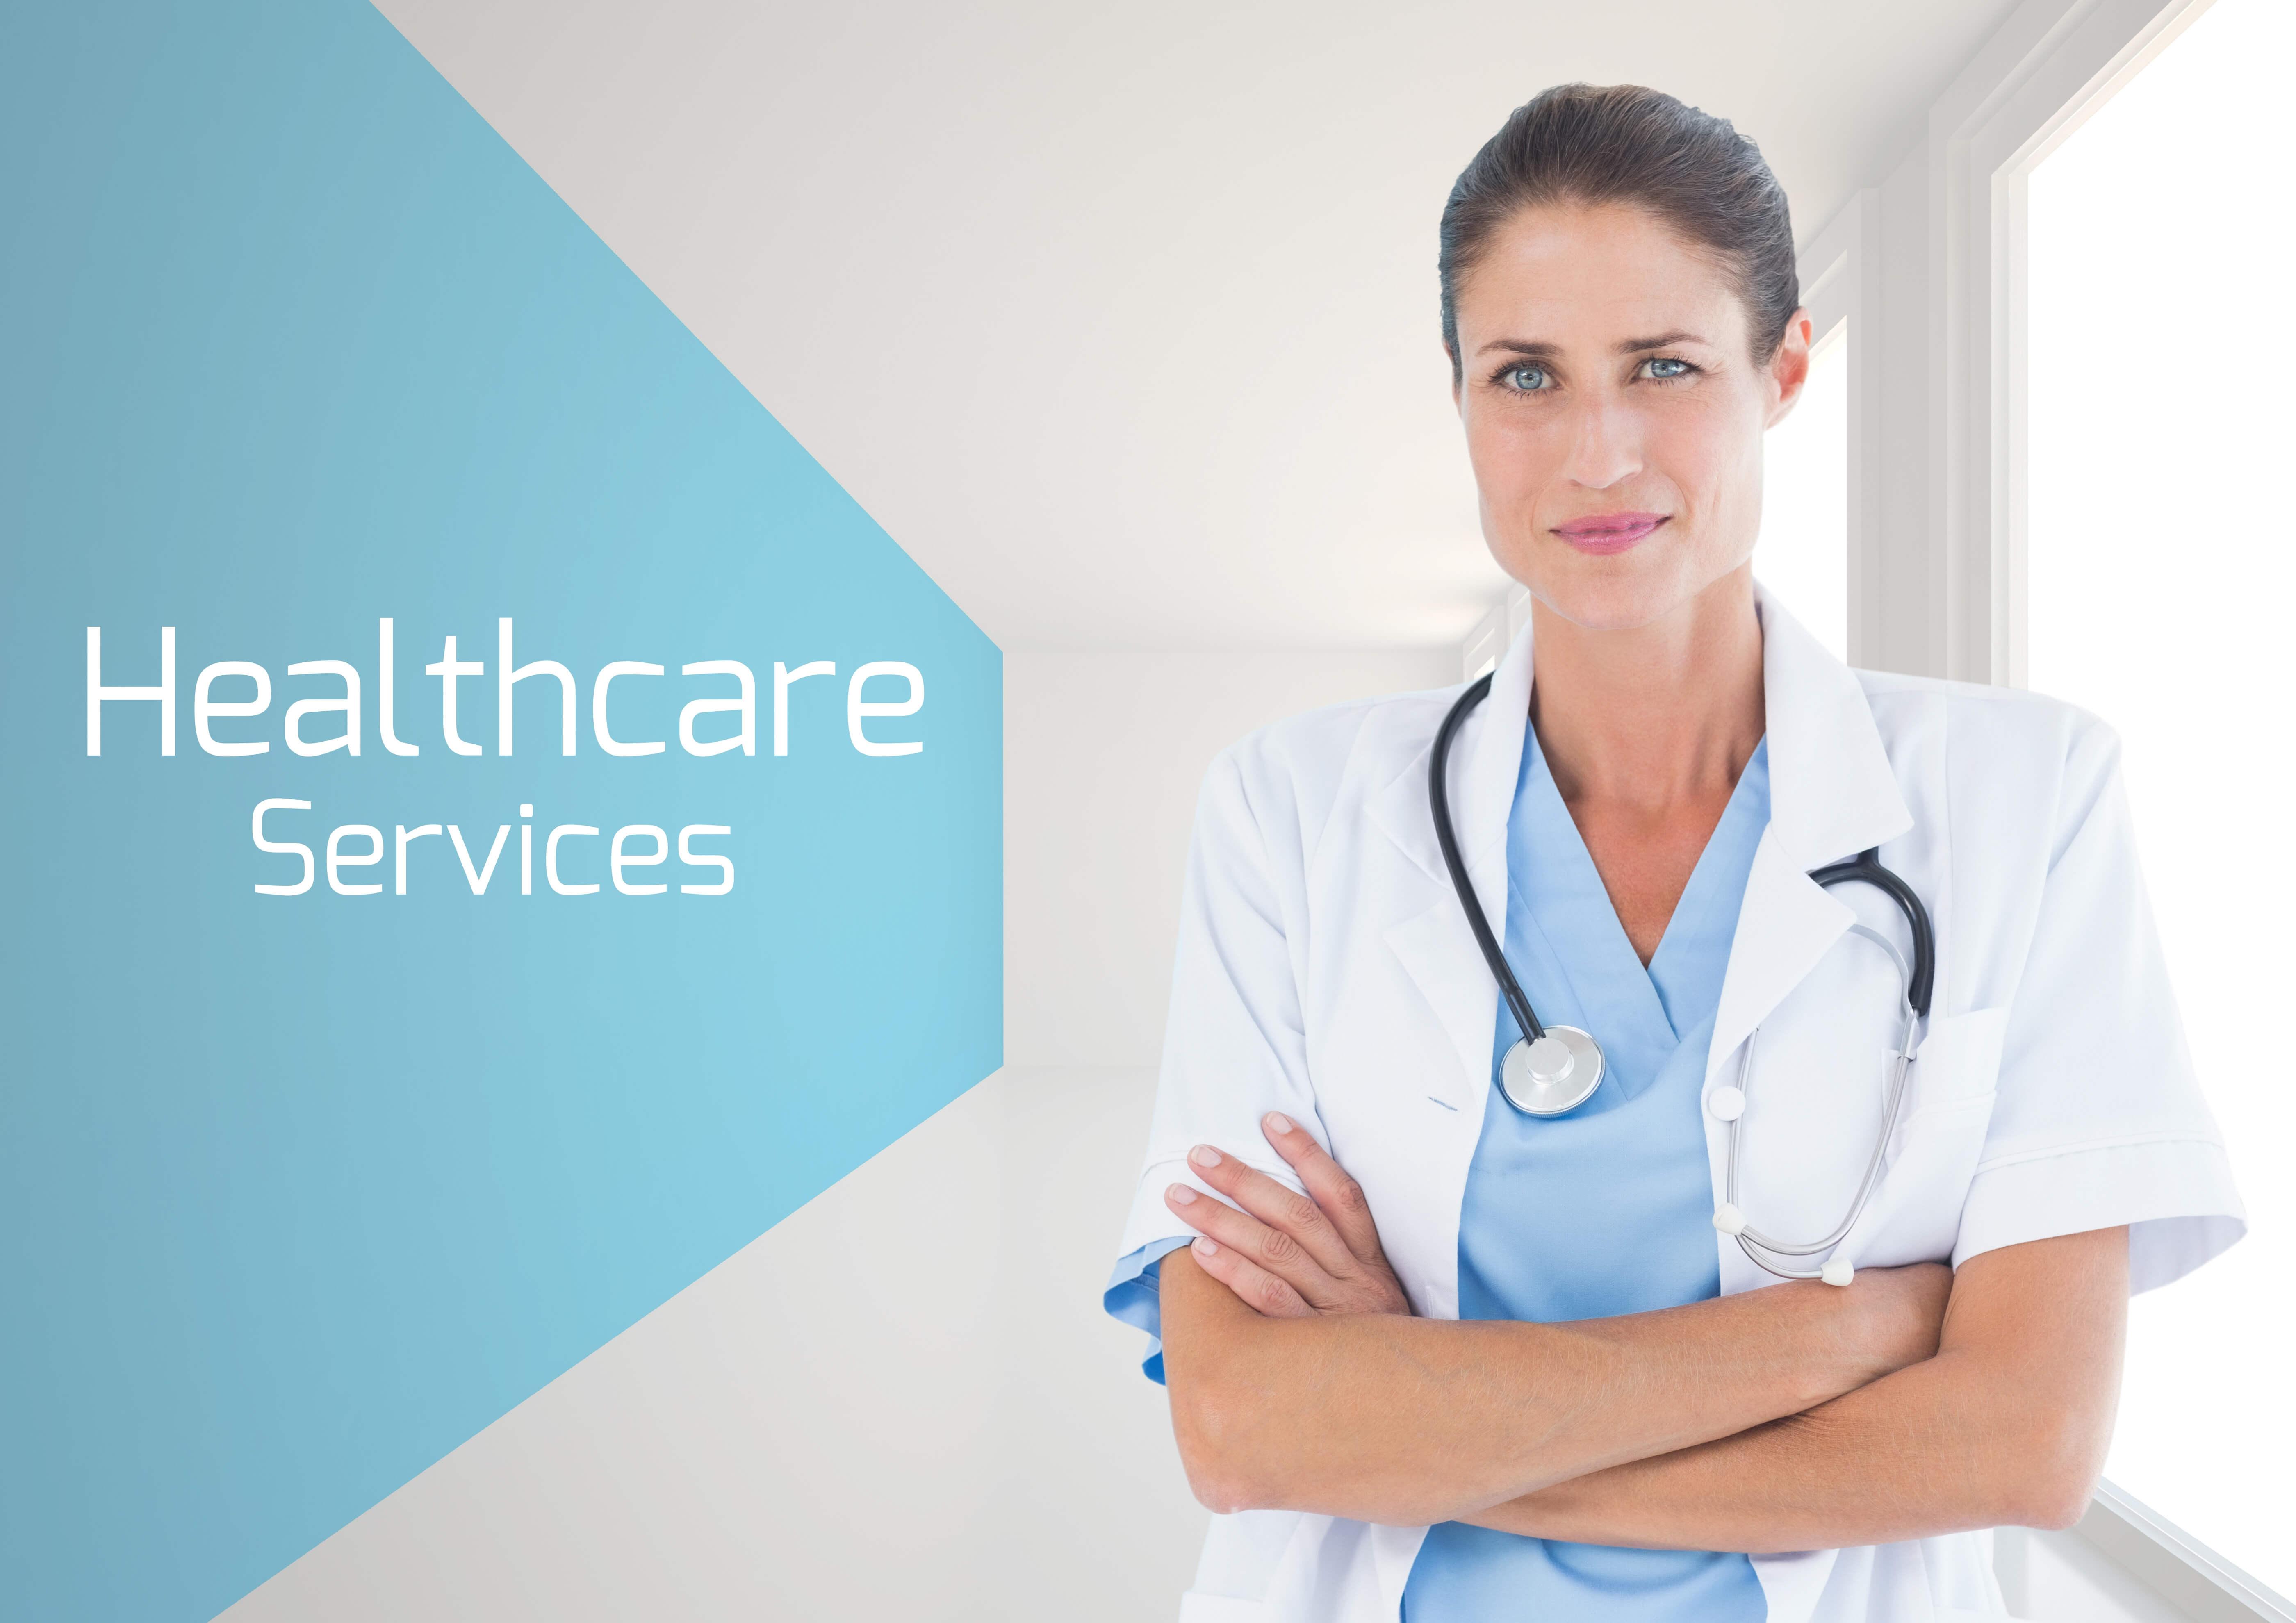 jones center for women's health